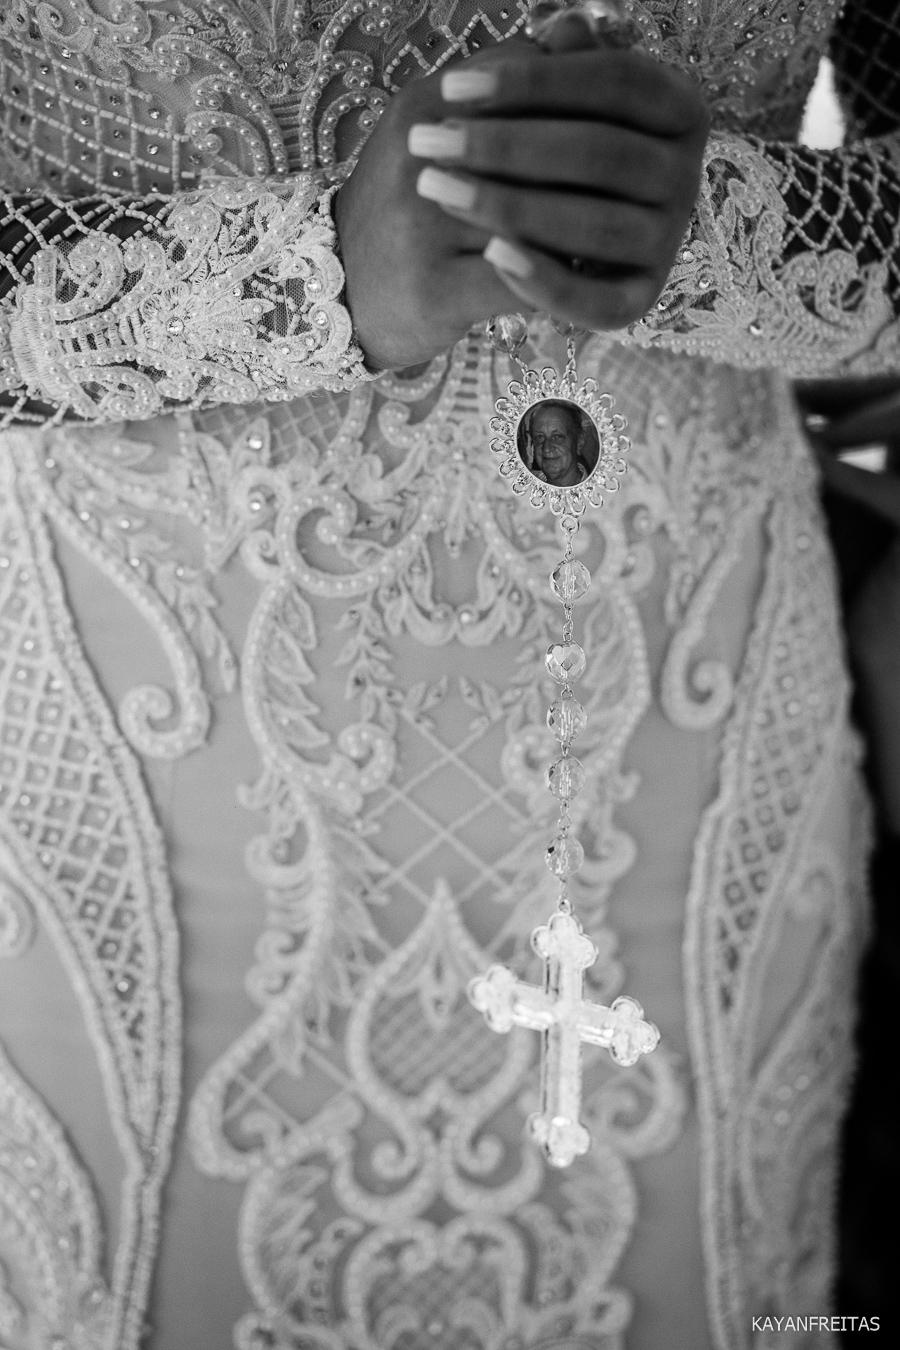 nati-ruan-casamento-0040 Casamento Natália e Ruan - Florianópolis